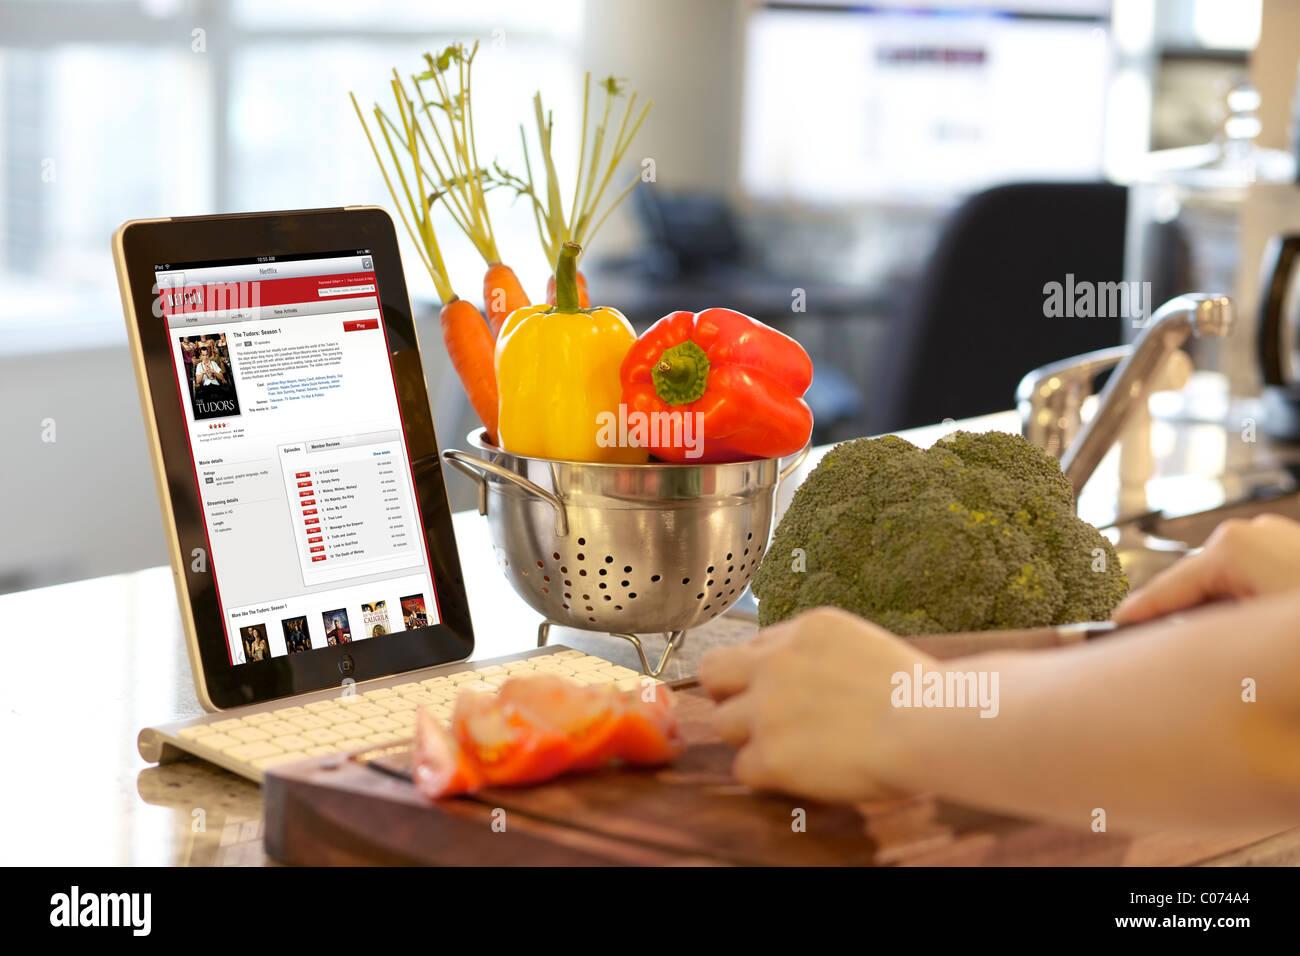 Mujer ocupada en la cocina para cocinar mientras navega películas en Netflix desde su iPad Imagen De Stock